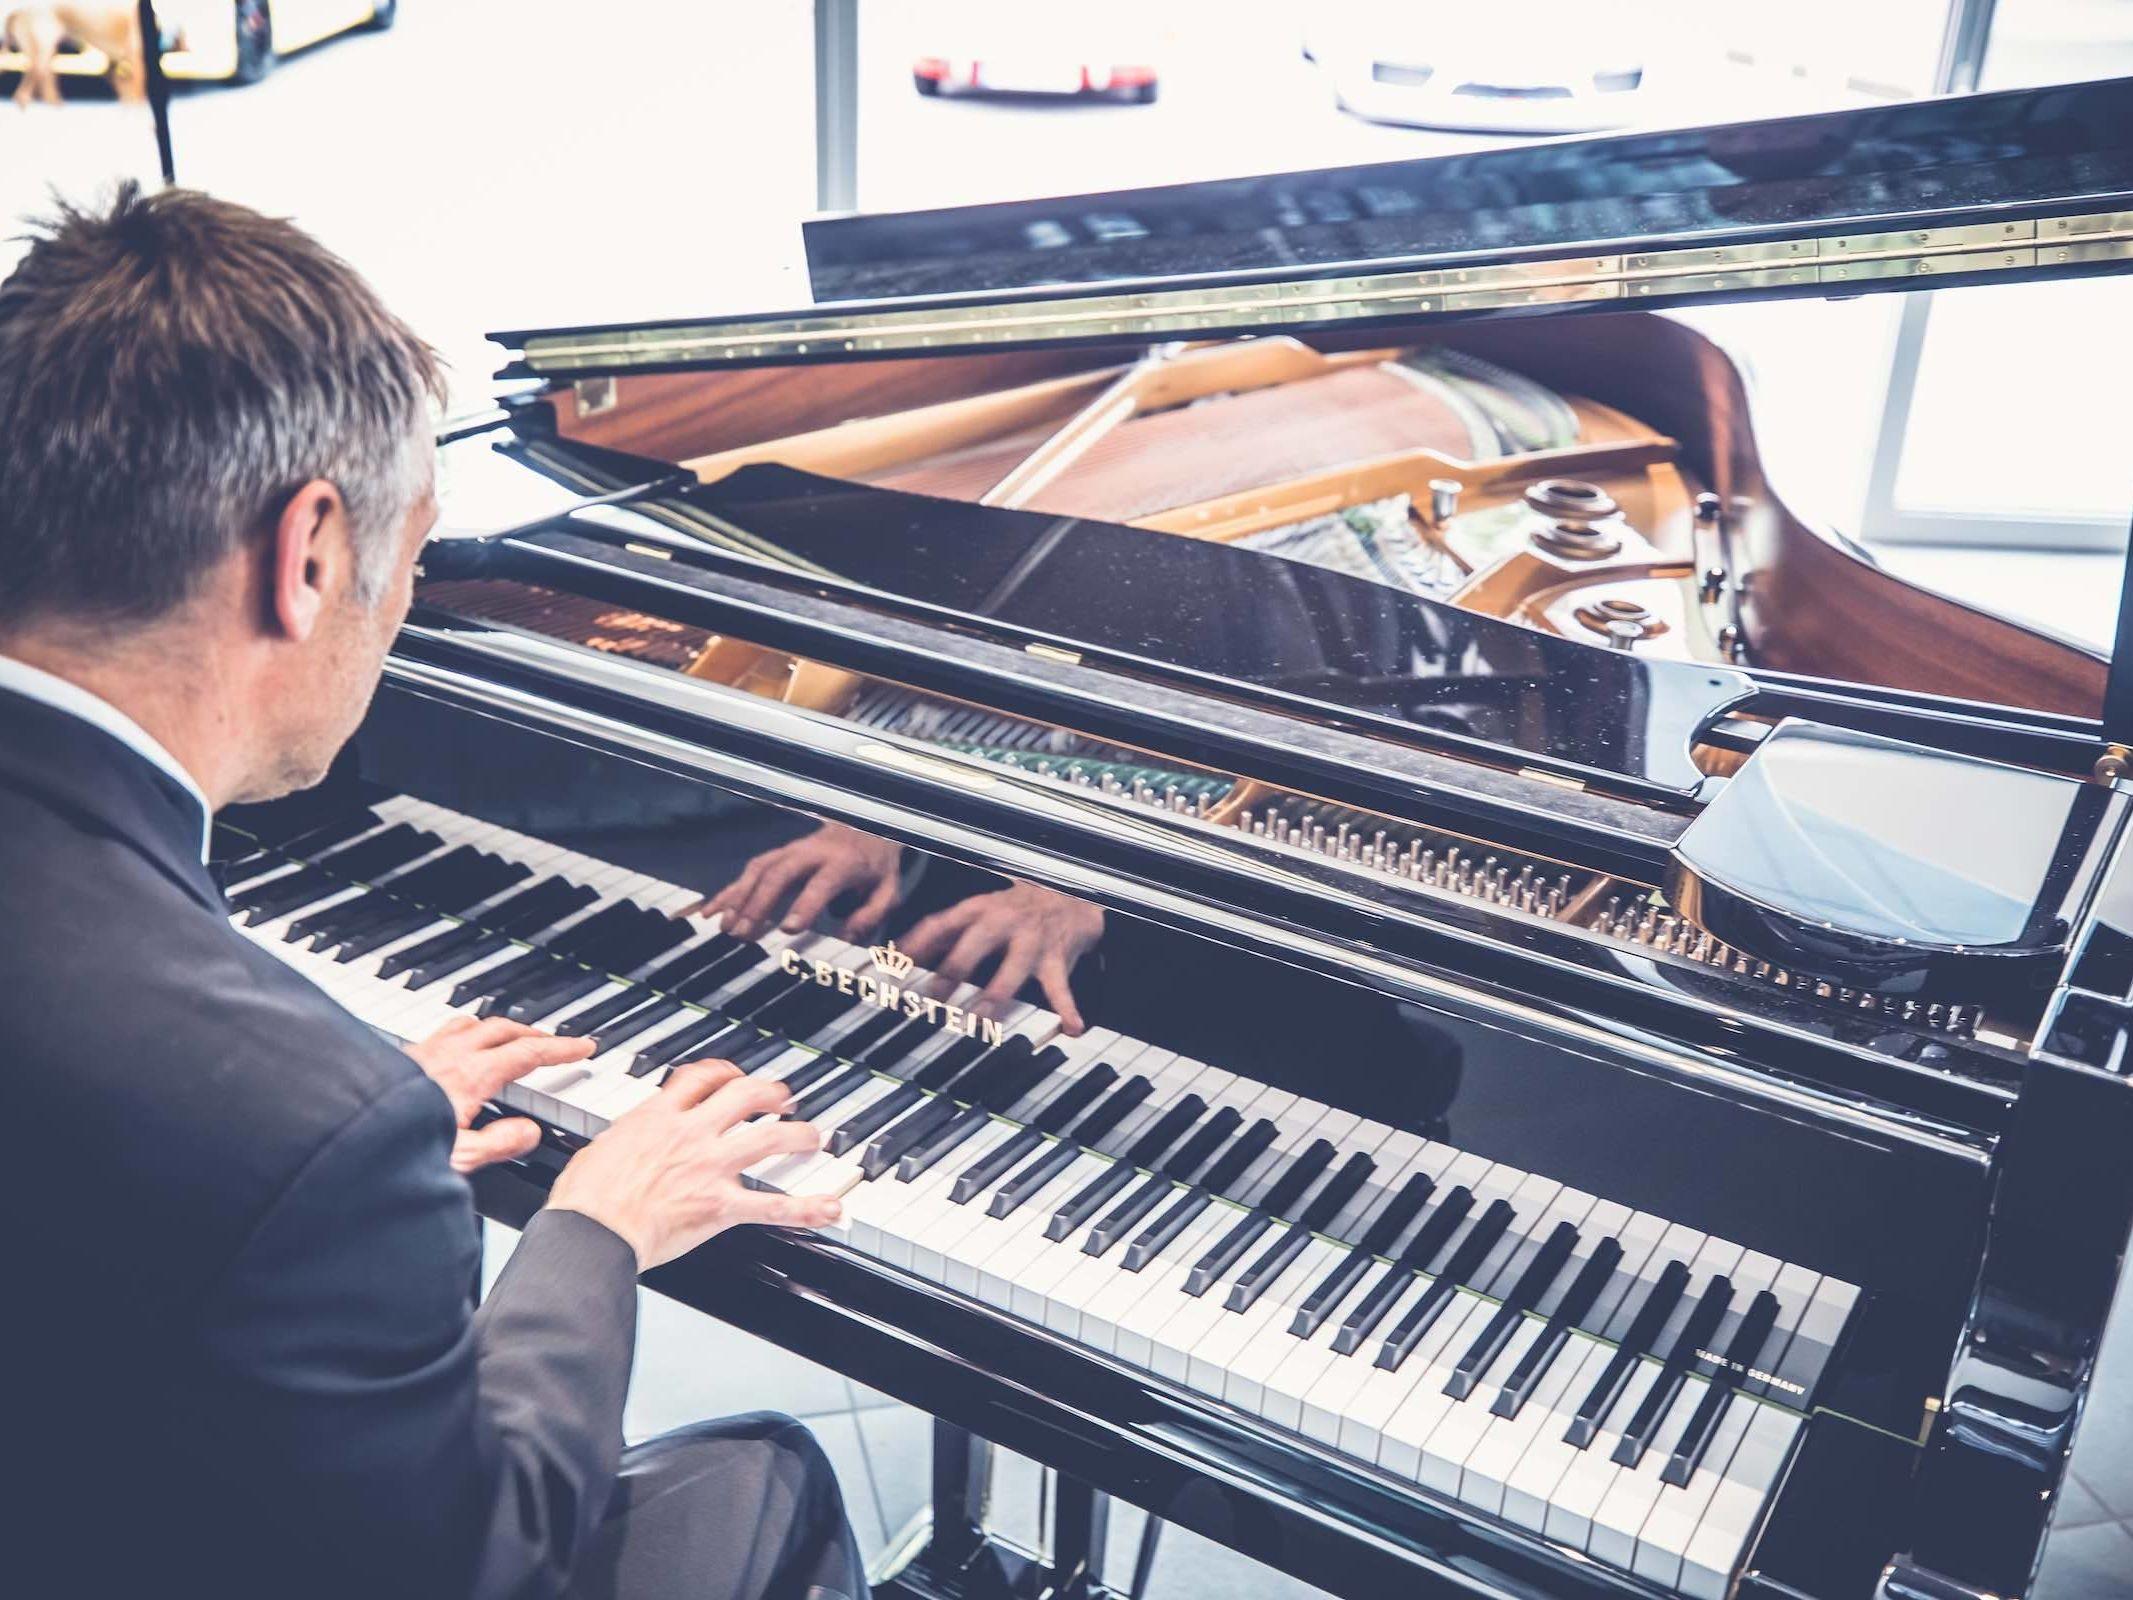 Pianist | Klavierspieler | Hannover | Flügel | Piano | Livemusik | Standesamt | Trauung | Jazz | Swing | Lounge | Empfang | Pop | Hochzeit | Messe | Firmenfeier | Charity | Gala | Buchen | Mieten | Anfragen | Lehmann | Eventservice